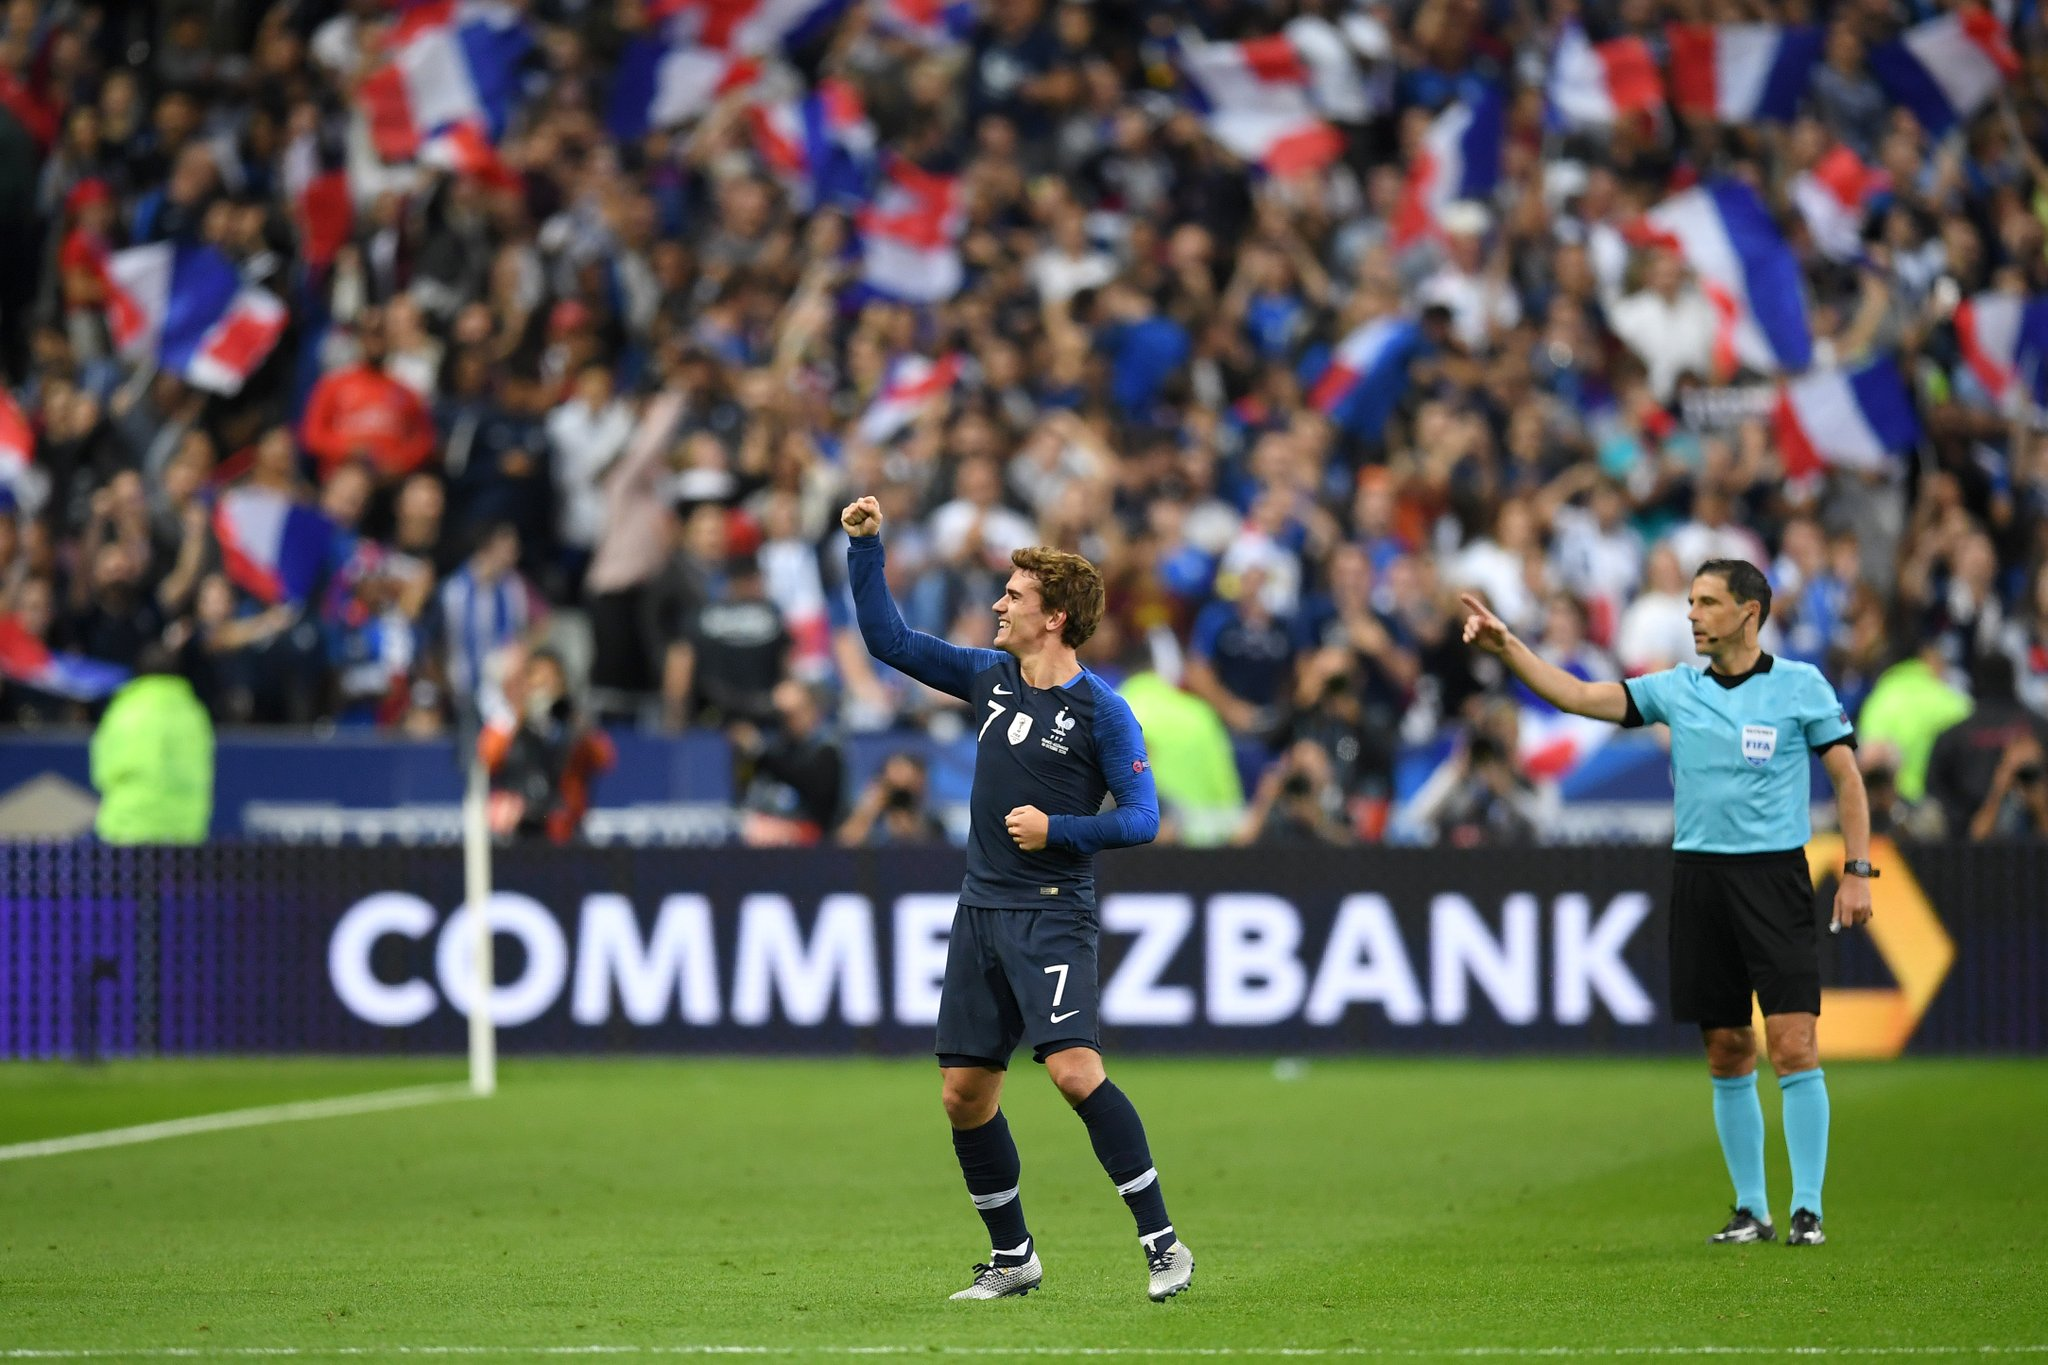 أهداف مباراة فرنسا والمانيا